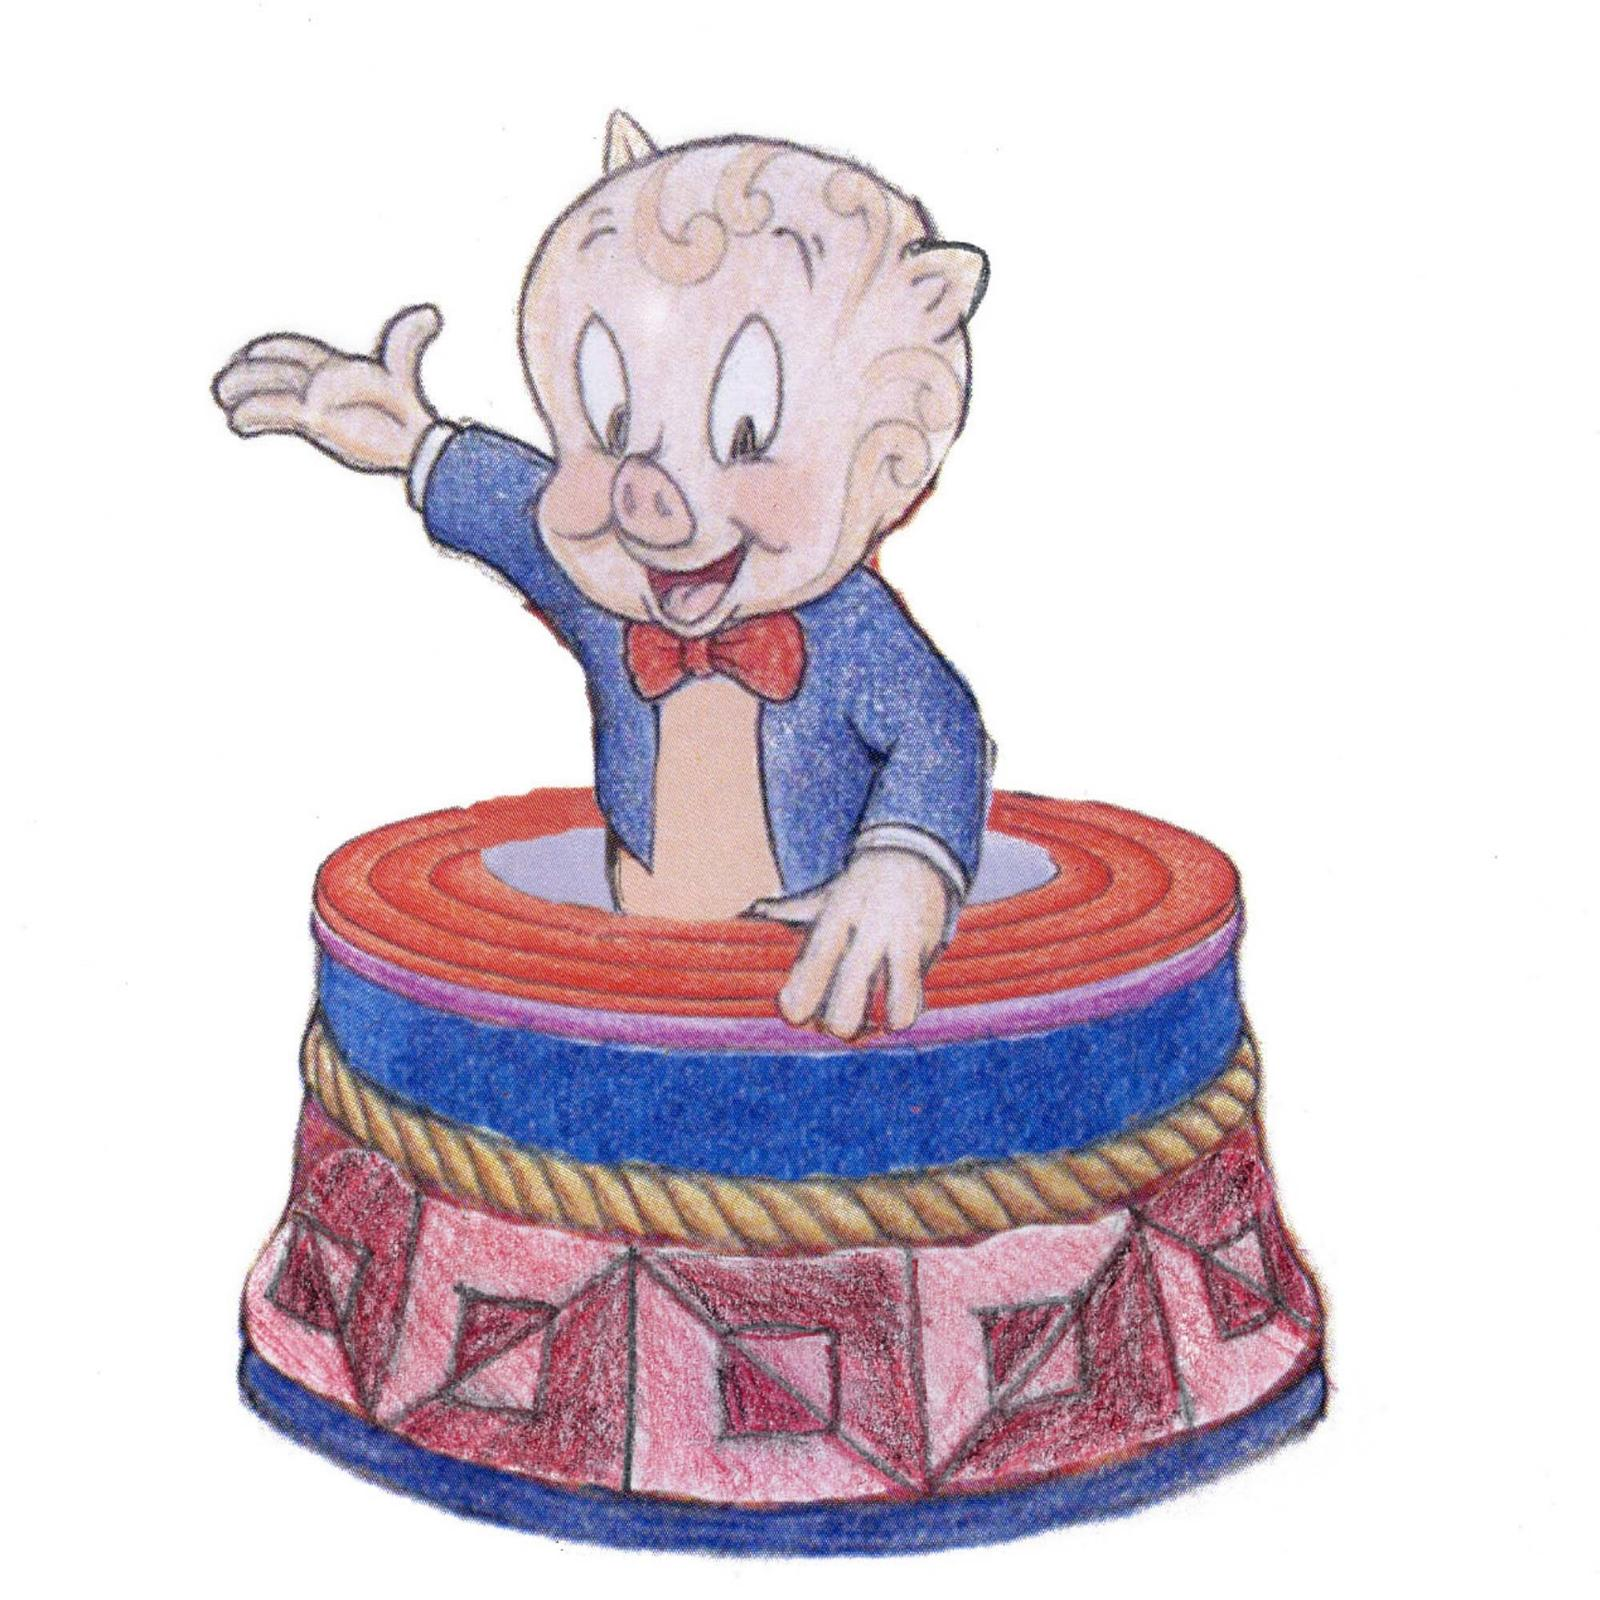 Porky Pigs Treasure Box